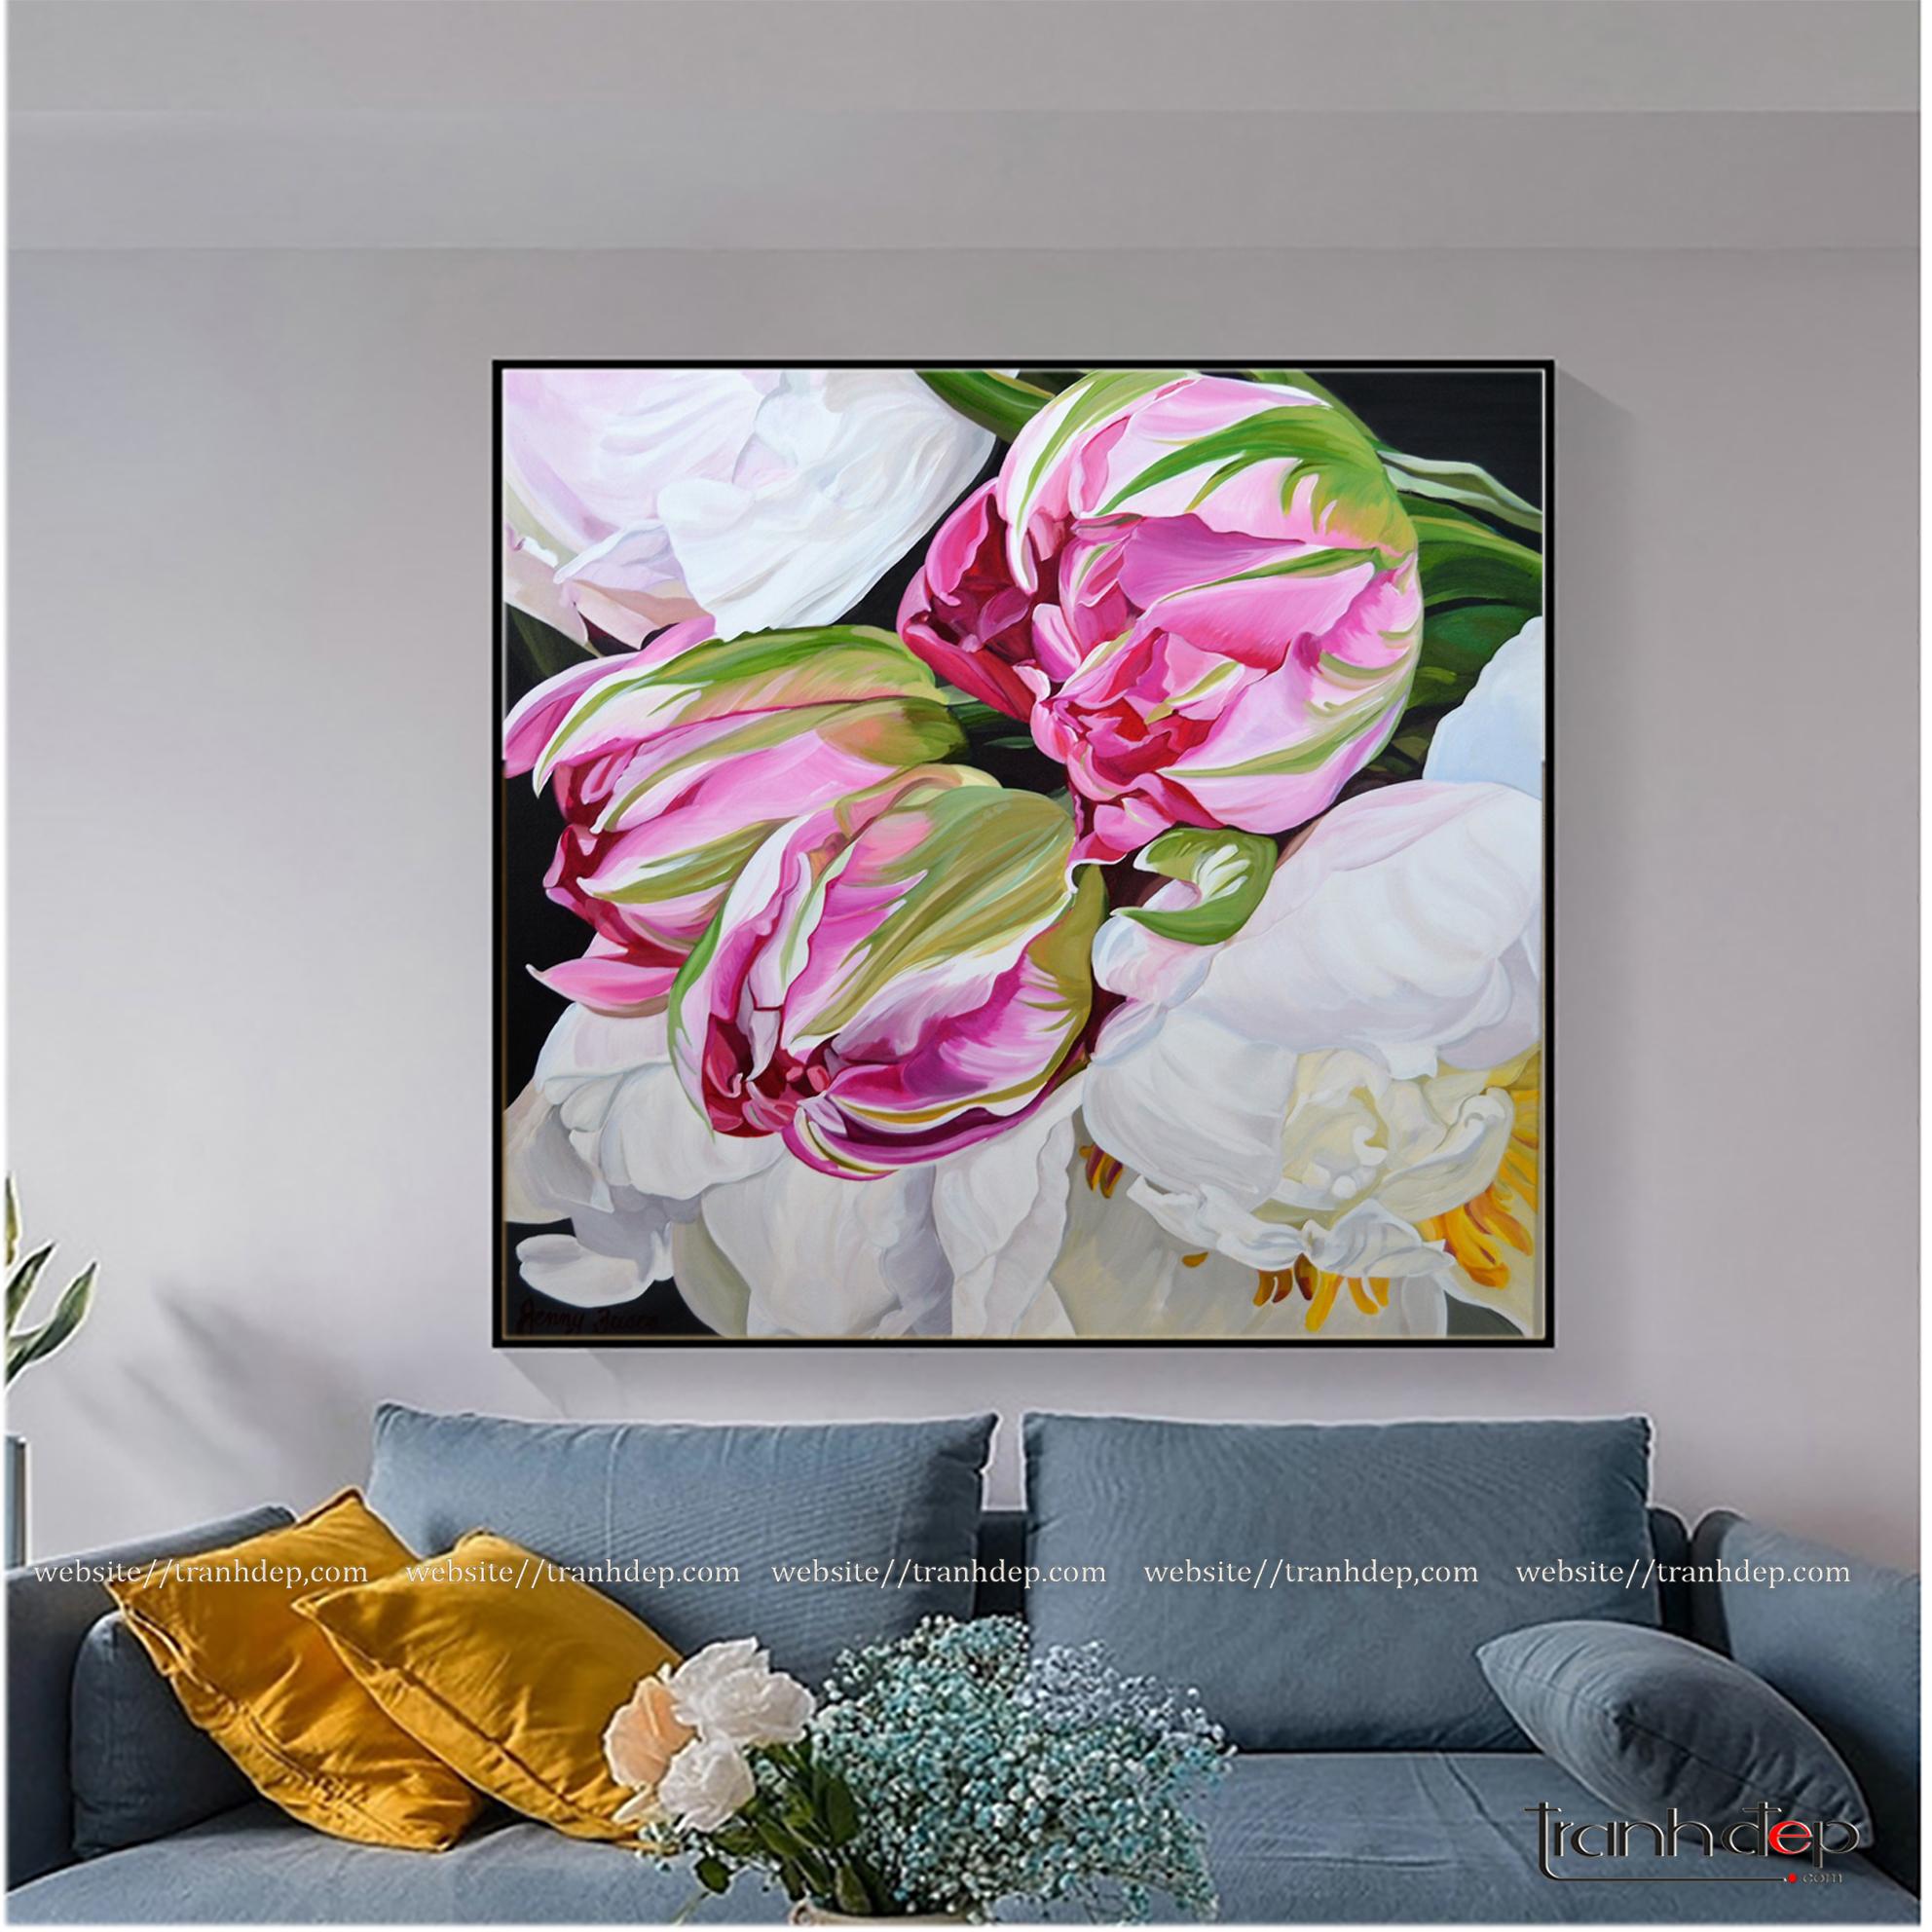 Tranh vẽ mẫu đơn trắng và hoa tulip hồng trang trí phòng khách